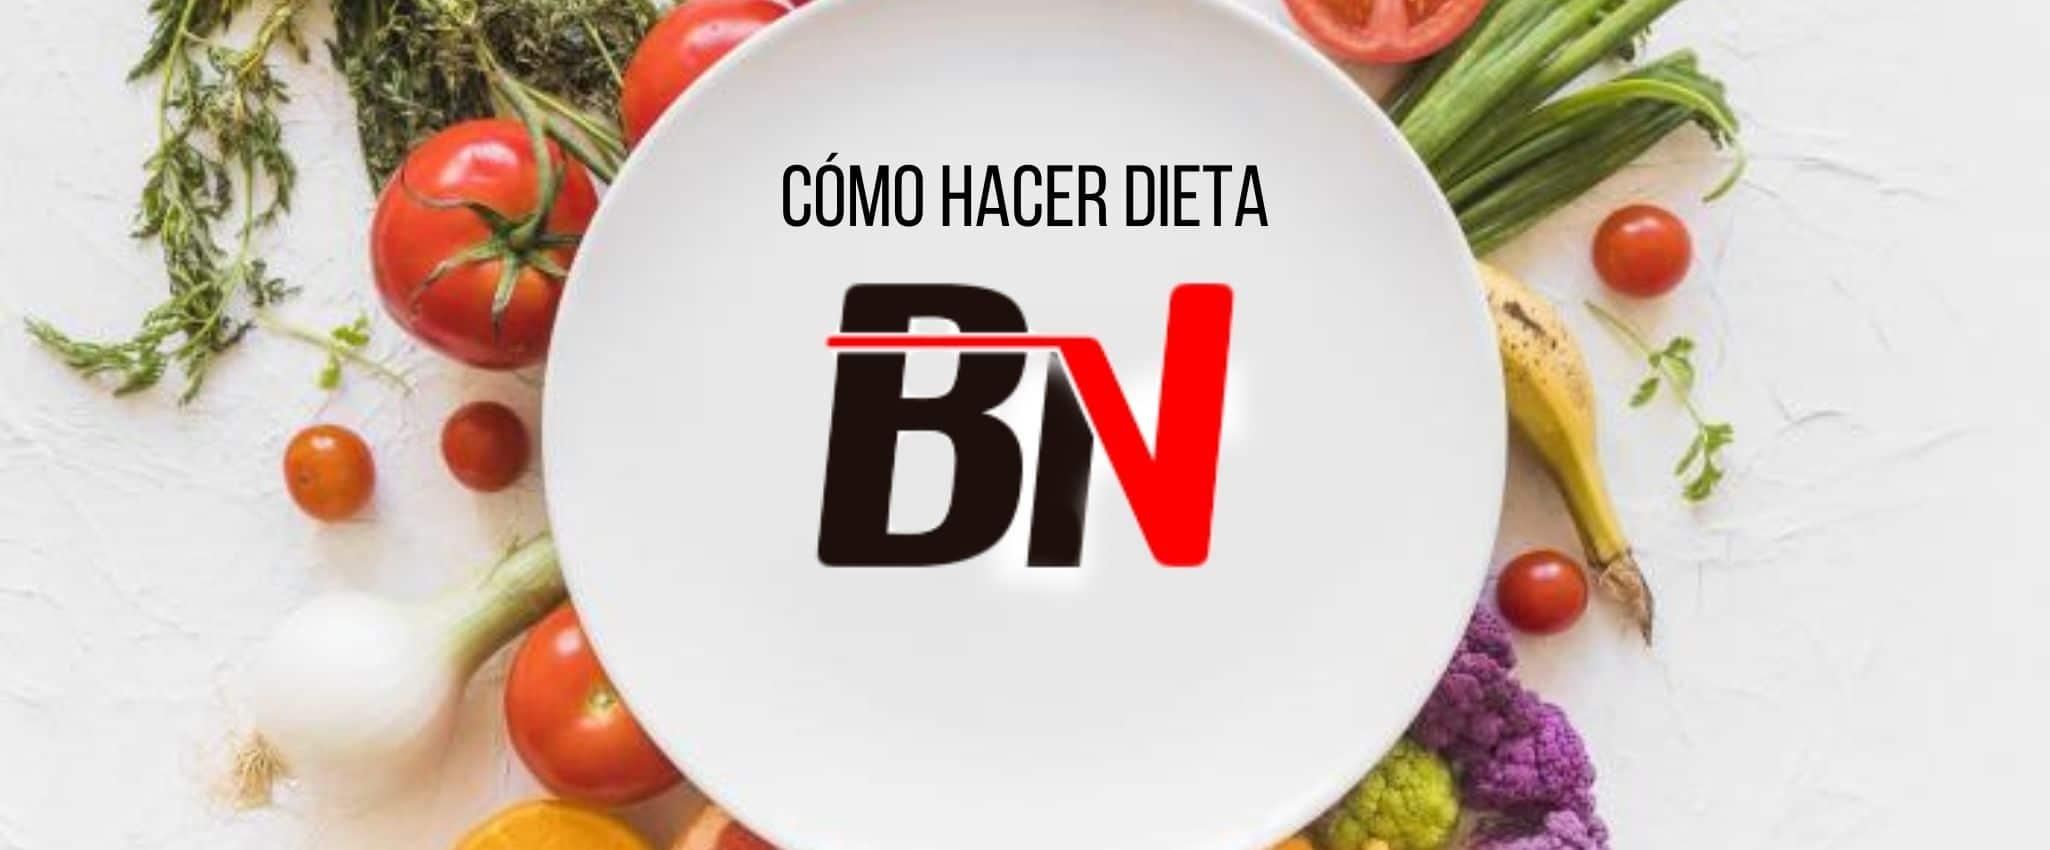 hacer dieta en casa